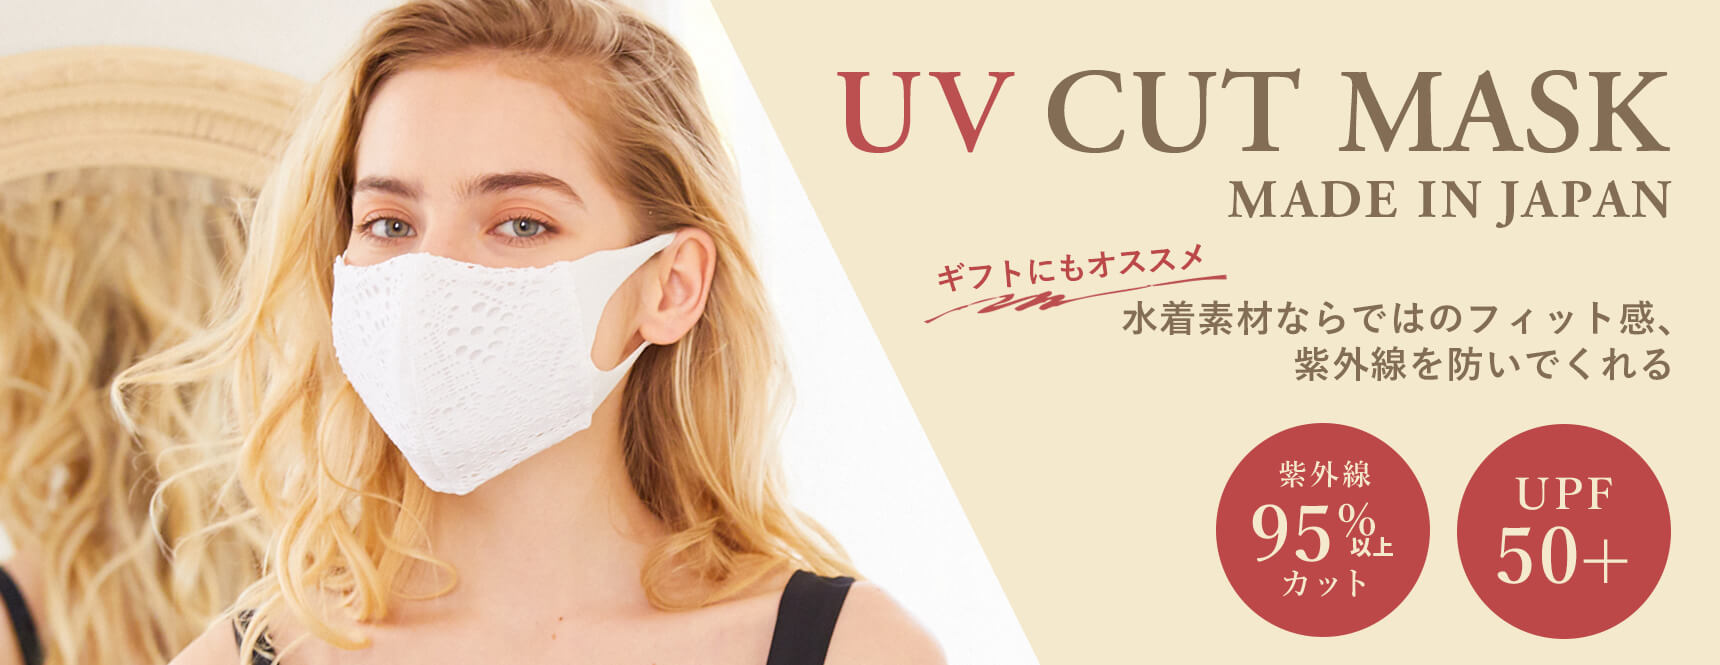 UV CUT MASK